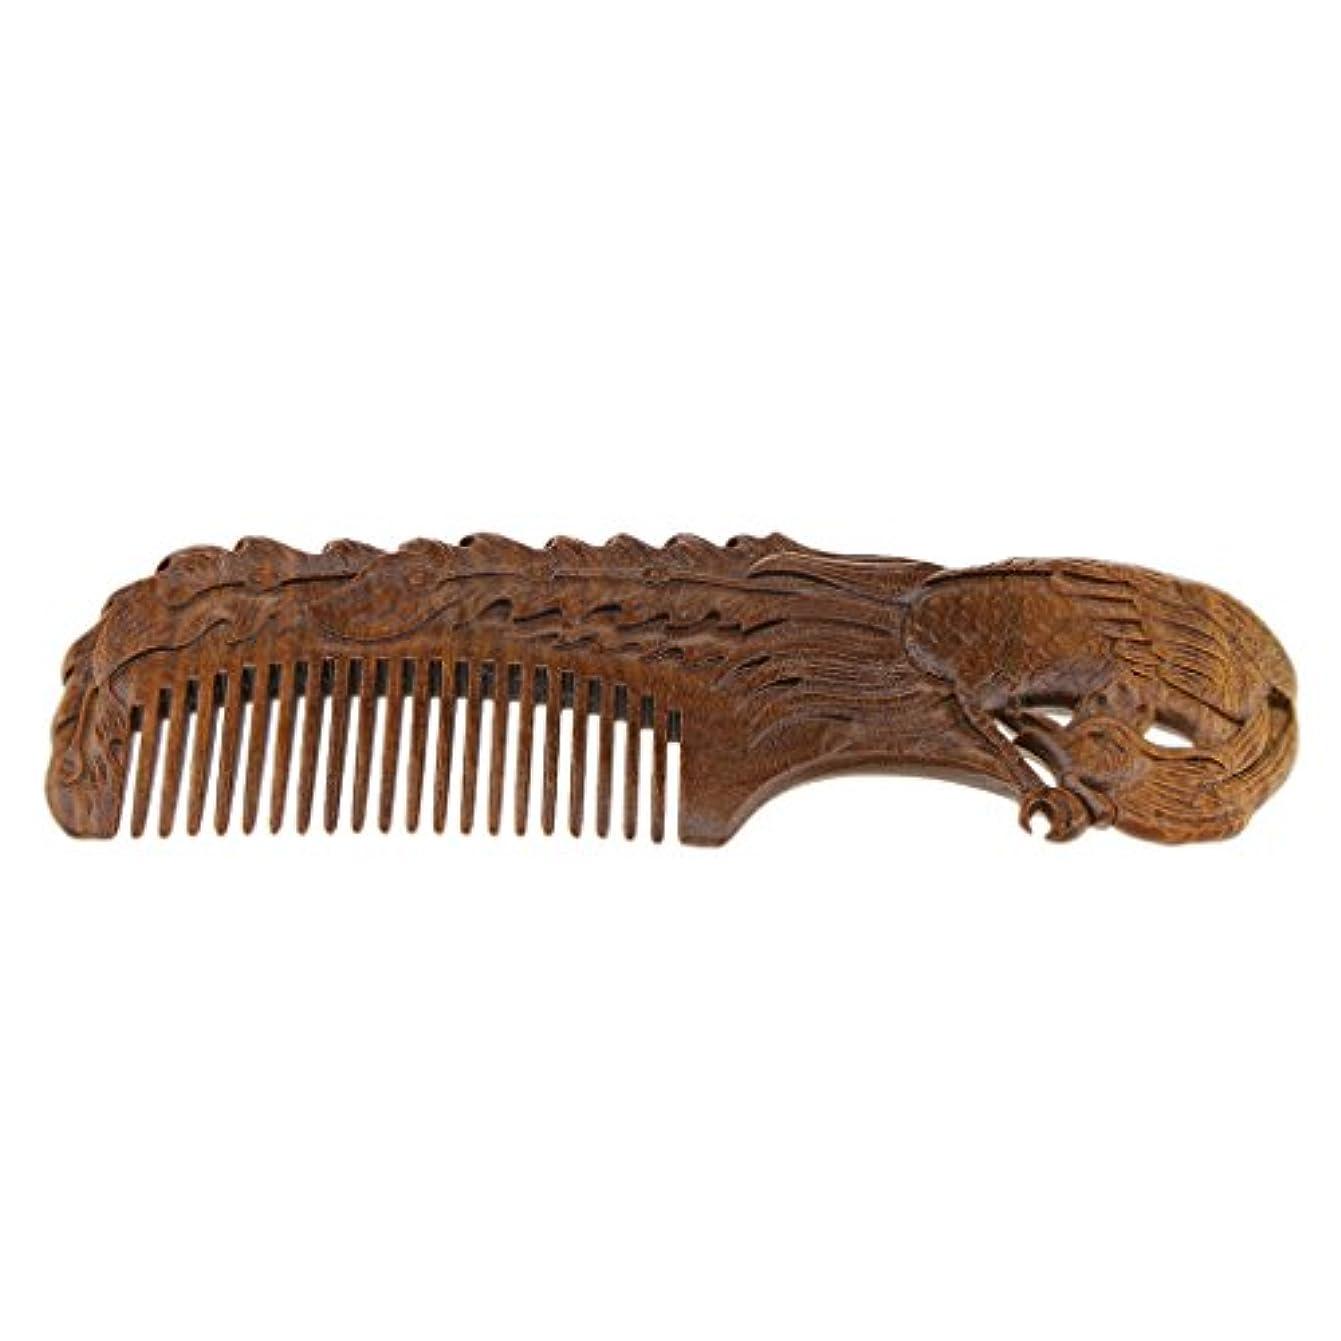 エスカレーターご近所バブルSM SunniMix ウッドコーム 木製コーム 木製櫛 ヘアブラシ ヘアコーム 滑らかな歯 頭皮マッサージ 全2種類選択 - Phoenix